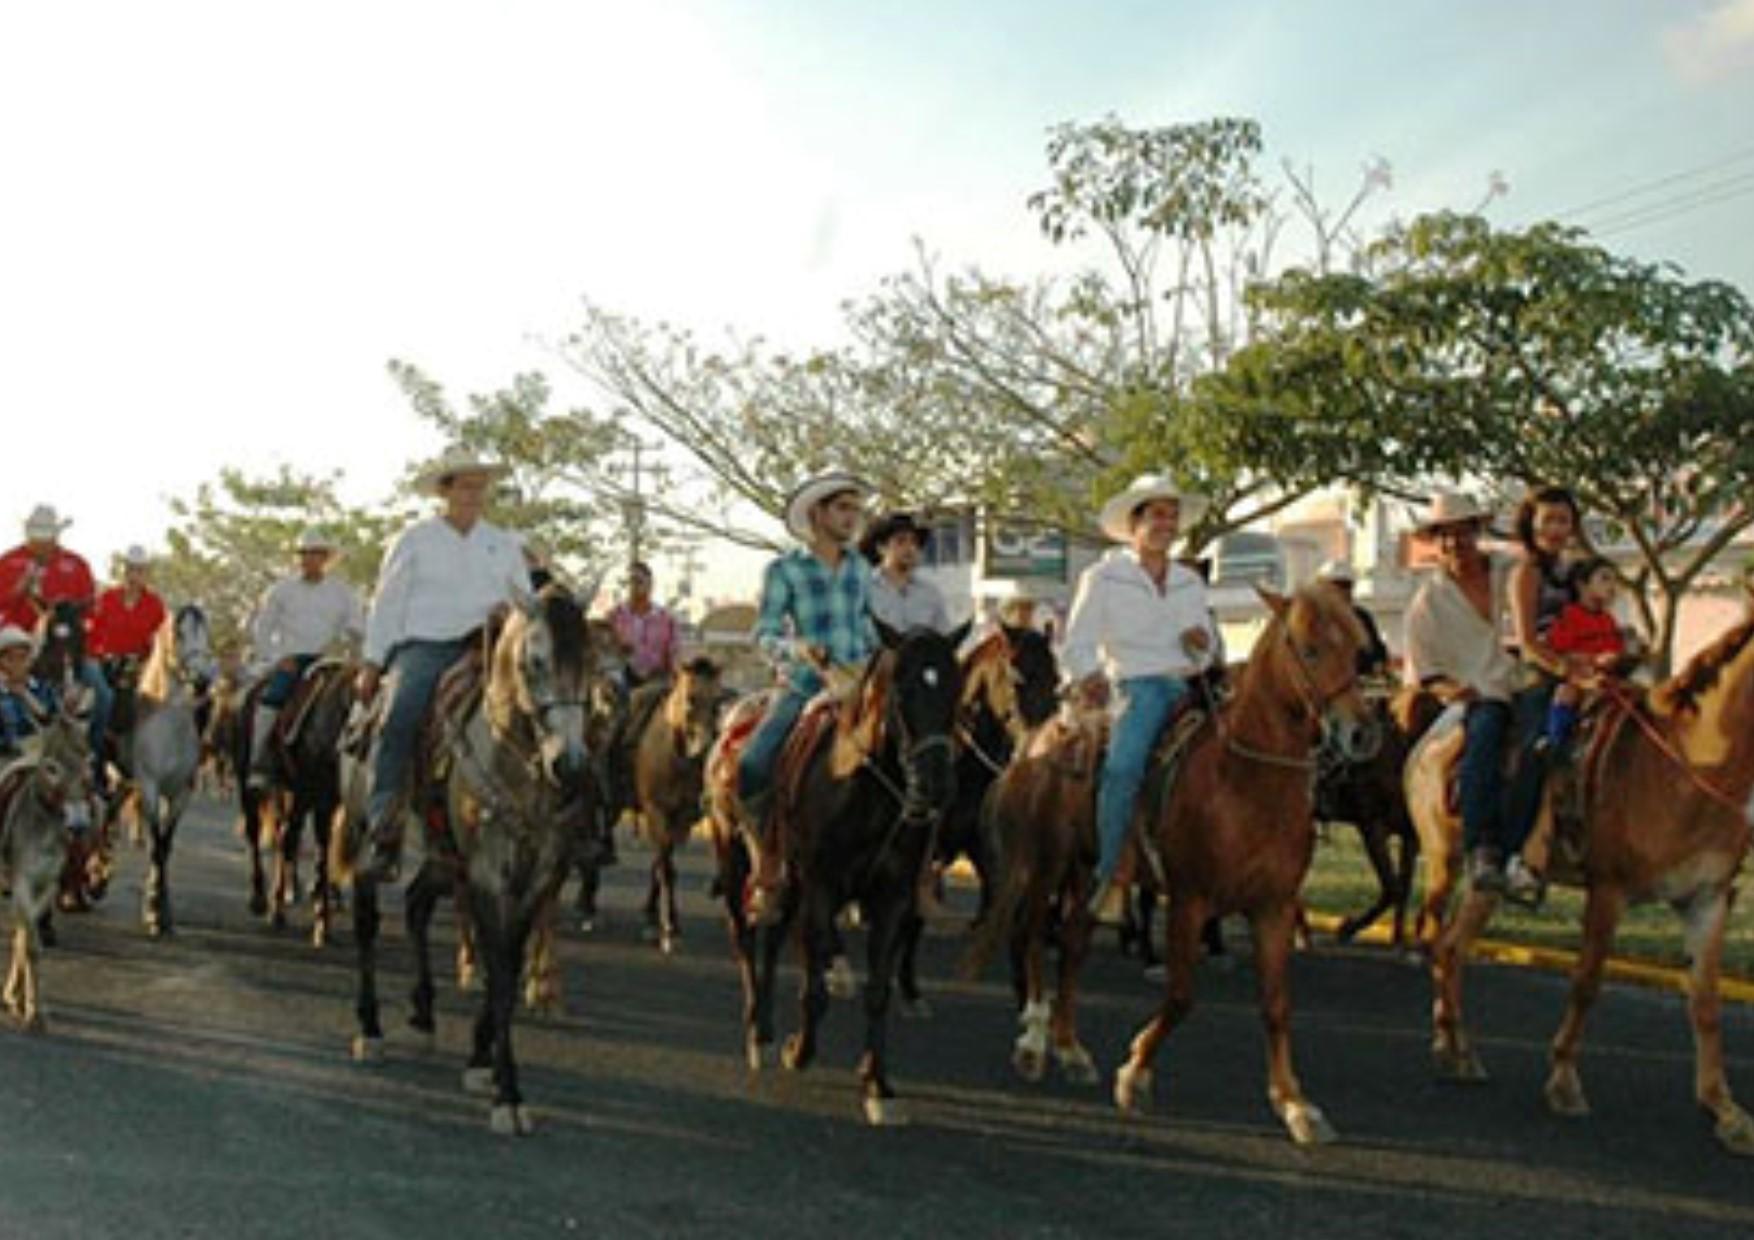 Habrá de garantizarse la seguridad en  festejos charro taurinos de Coquimatlán